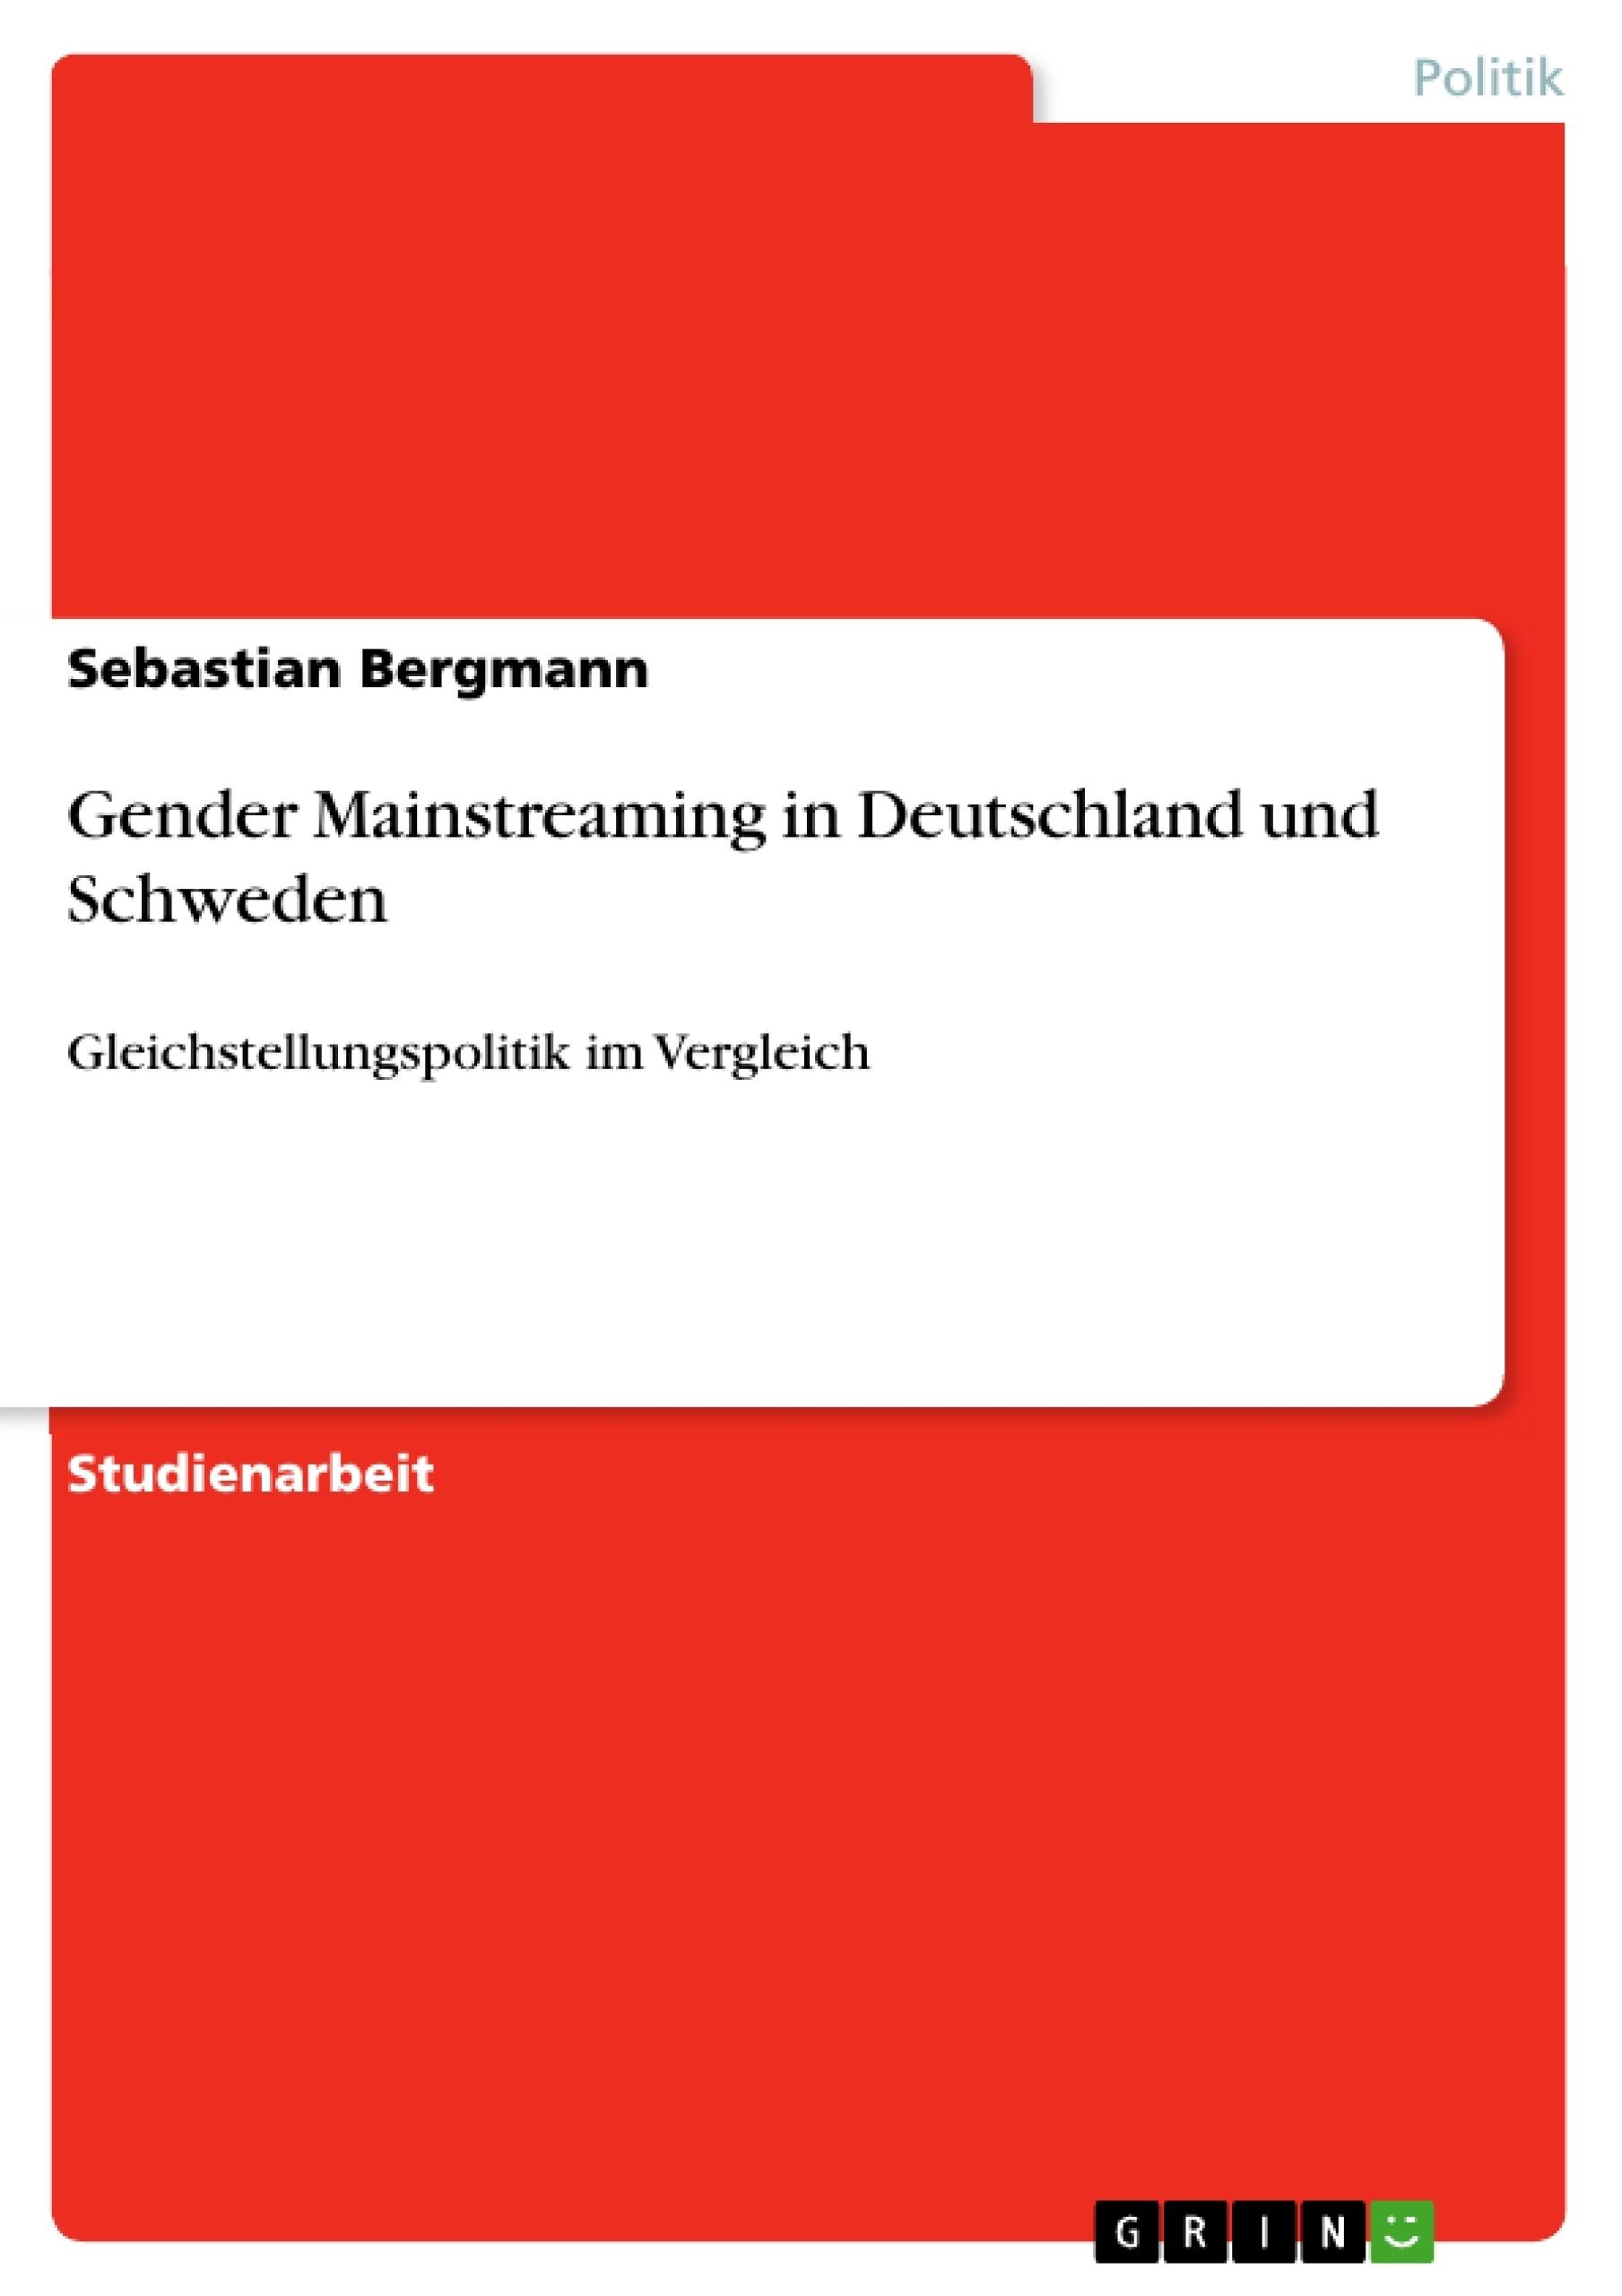 Titel: Gender Mainstreaming in Deutschland und Schweden